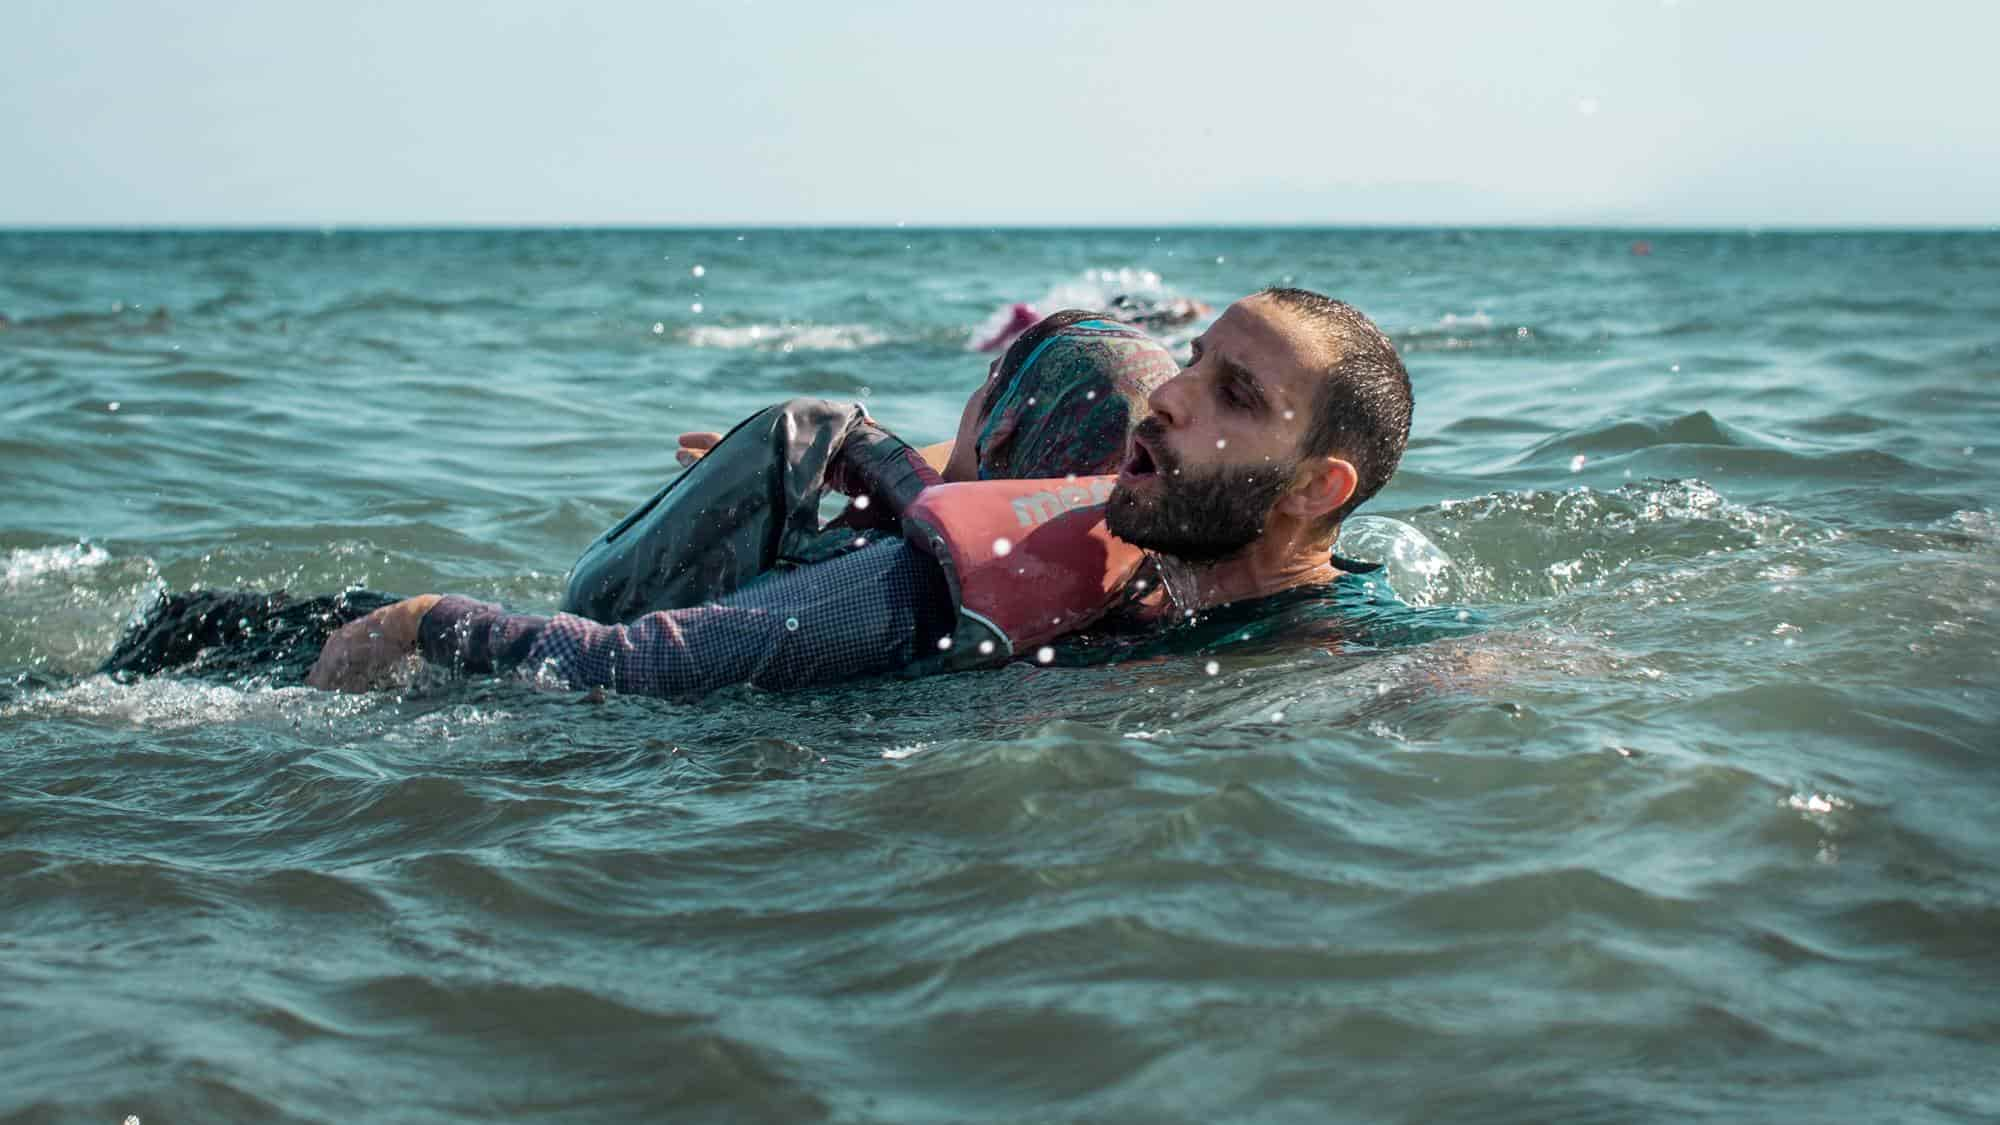 Mediterráneo - Open Arms – La legge del mare - regia Marcel Barrena - Festa del Cinema di Roma - magazine ilbiondino.org - ProsMedia - Agenzia Corte&Media---